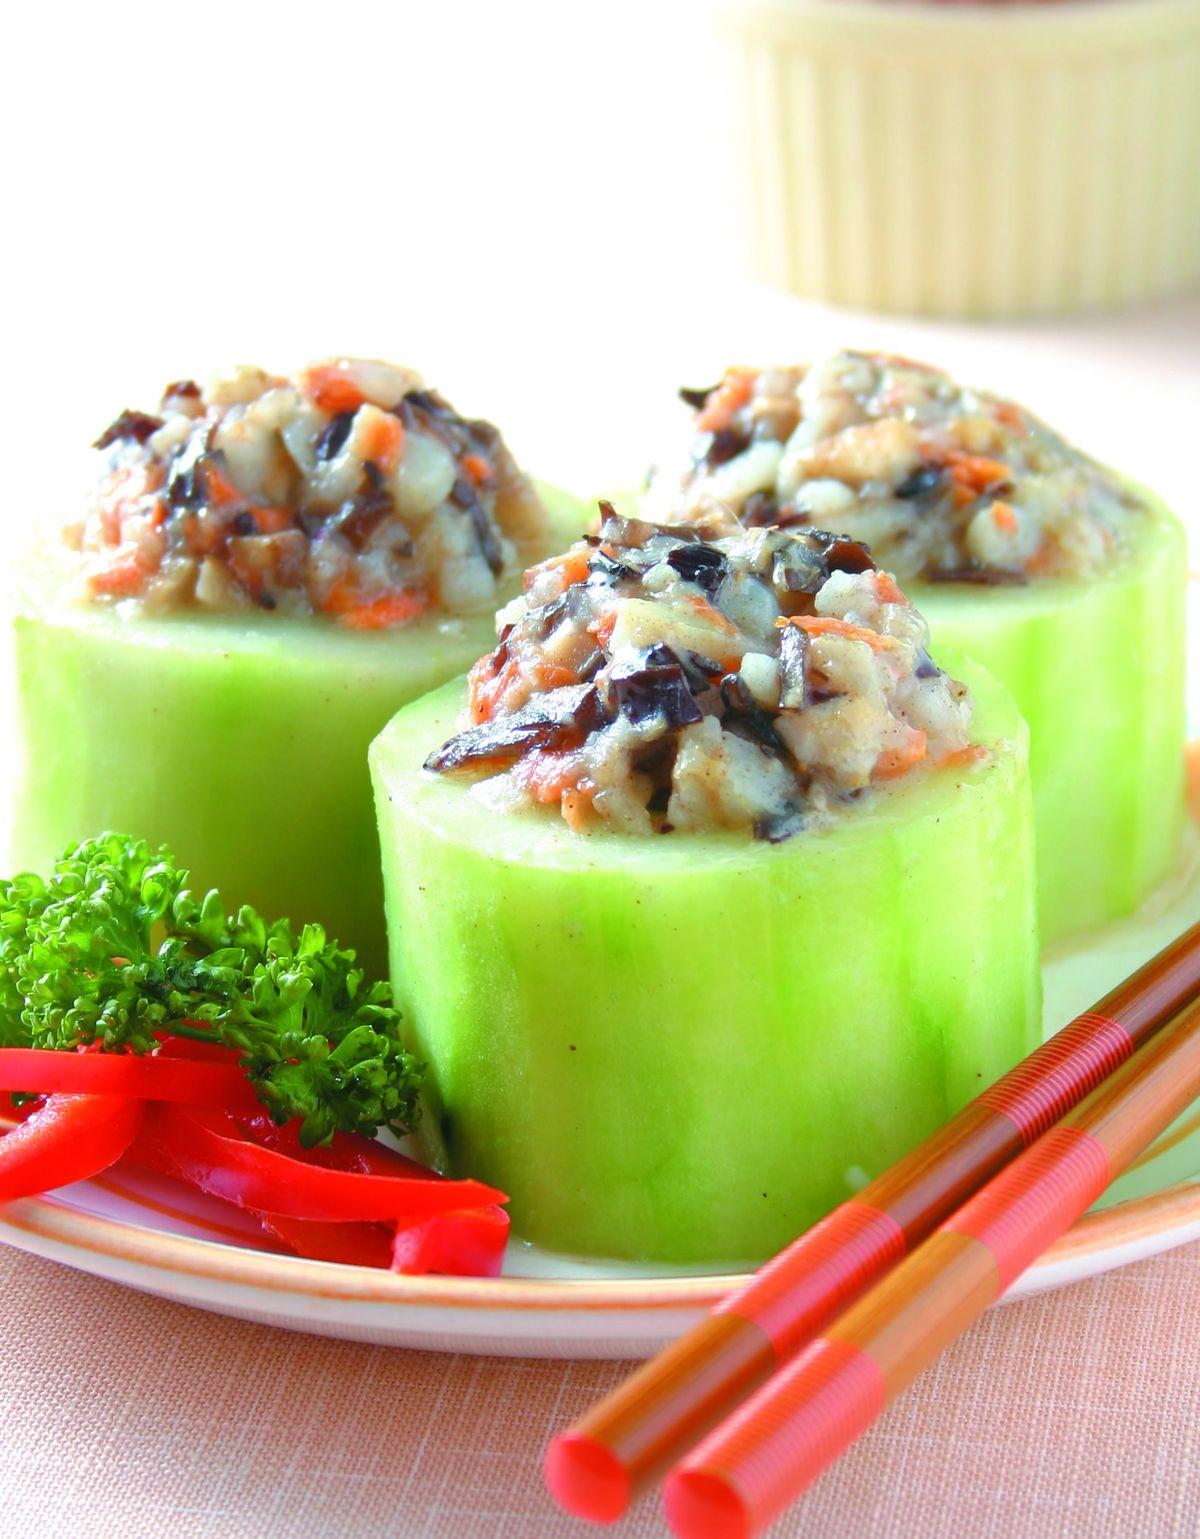 食譜:馬鈴薯黃瓜盅